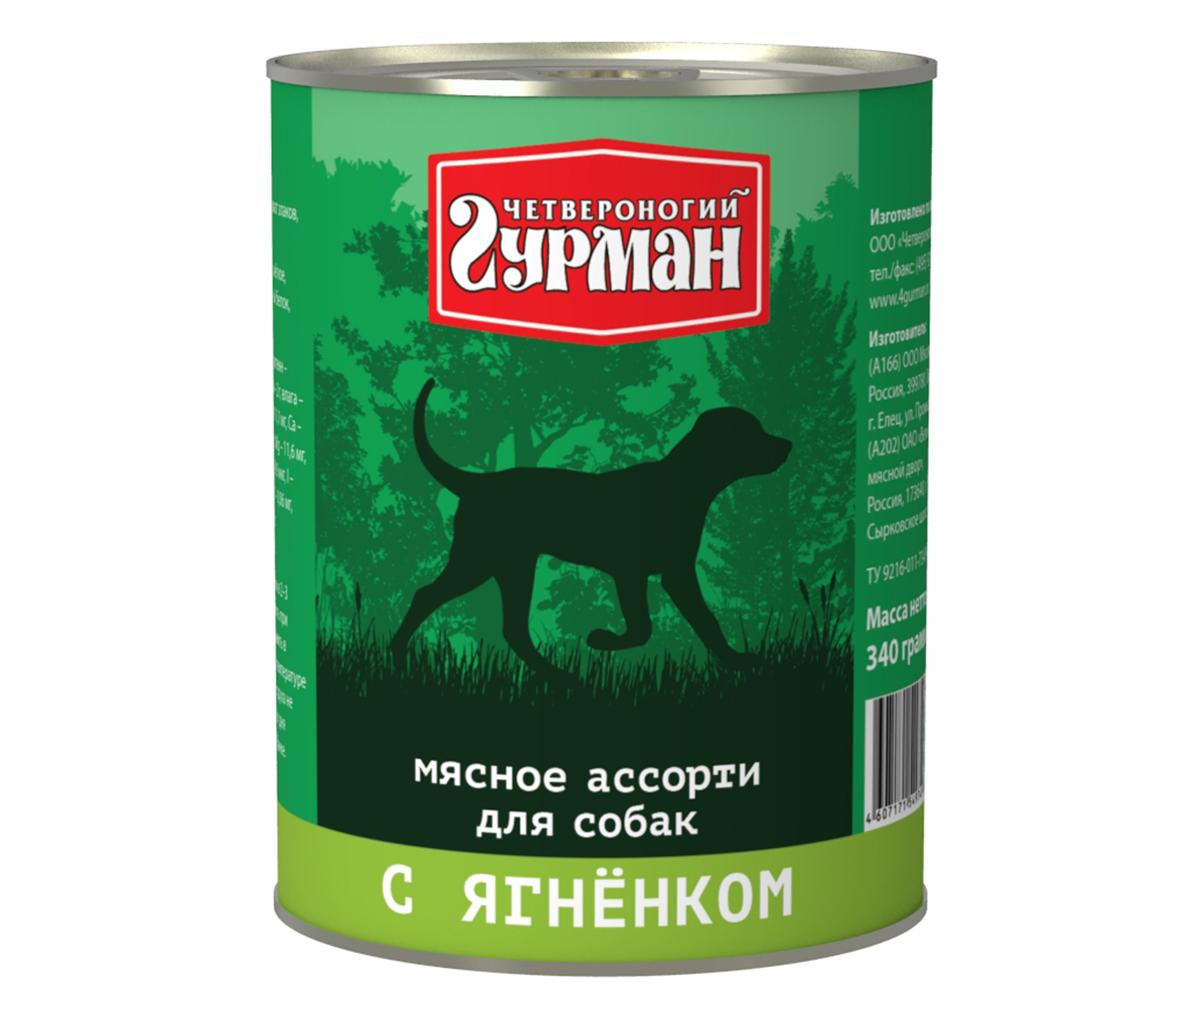 """Консервы для собак Четвероногий гурман """"Мясное ассорти"""", с ягненком, 340 г"""